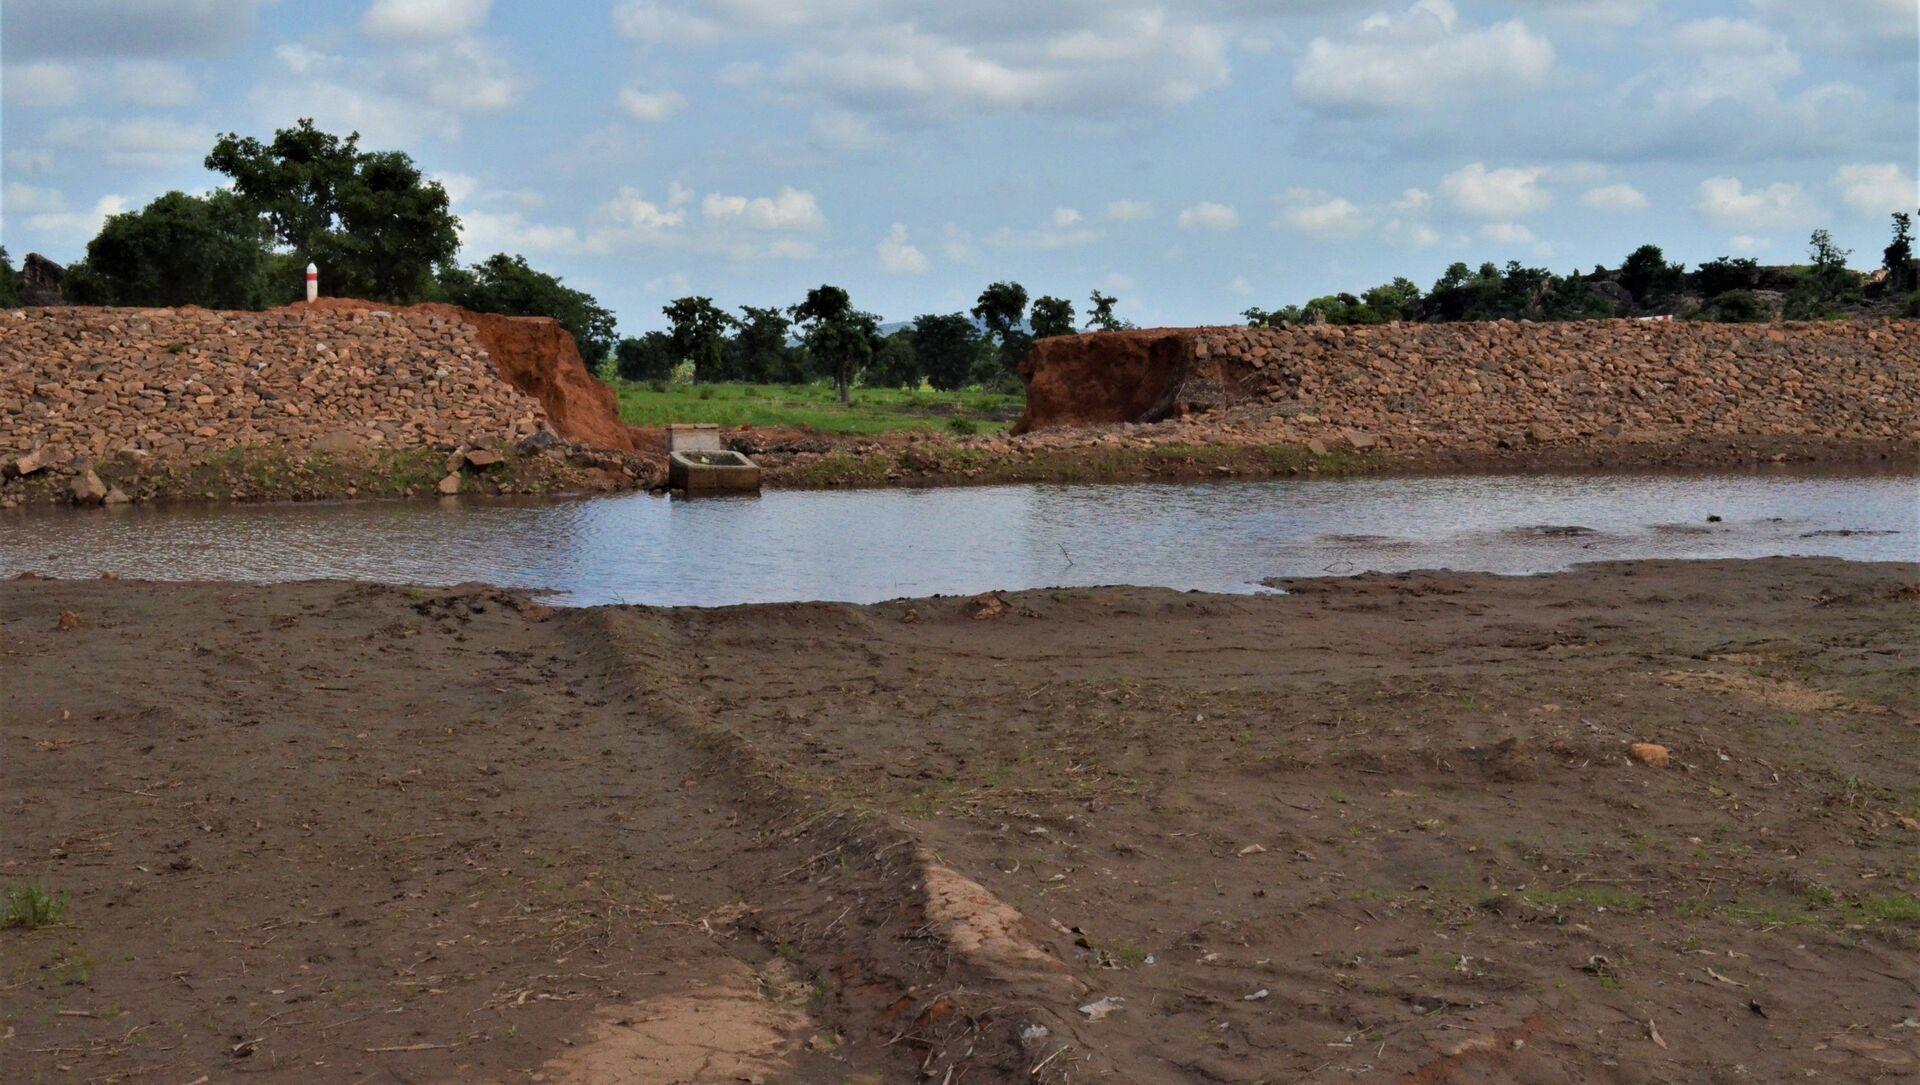 Un barrage destiné à alimenter en eau deux villages, Sidiki et Konkoagou, dans le nord du Togo, mais deux pluies torrentielles en sont venues à bout - Sputnik France, 1920, 05.08.2021